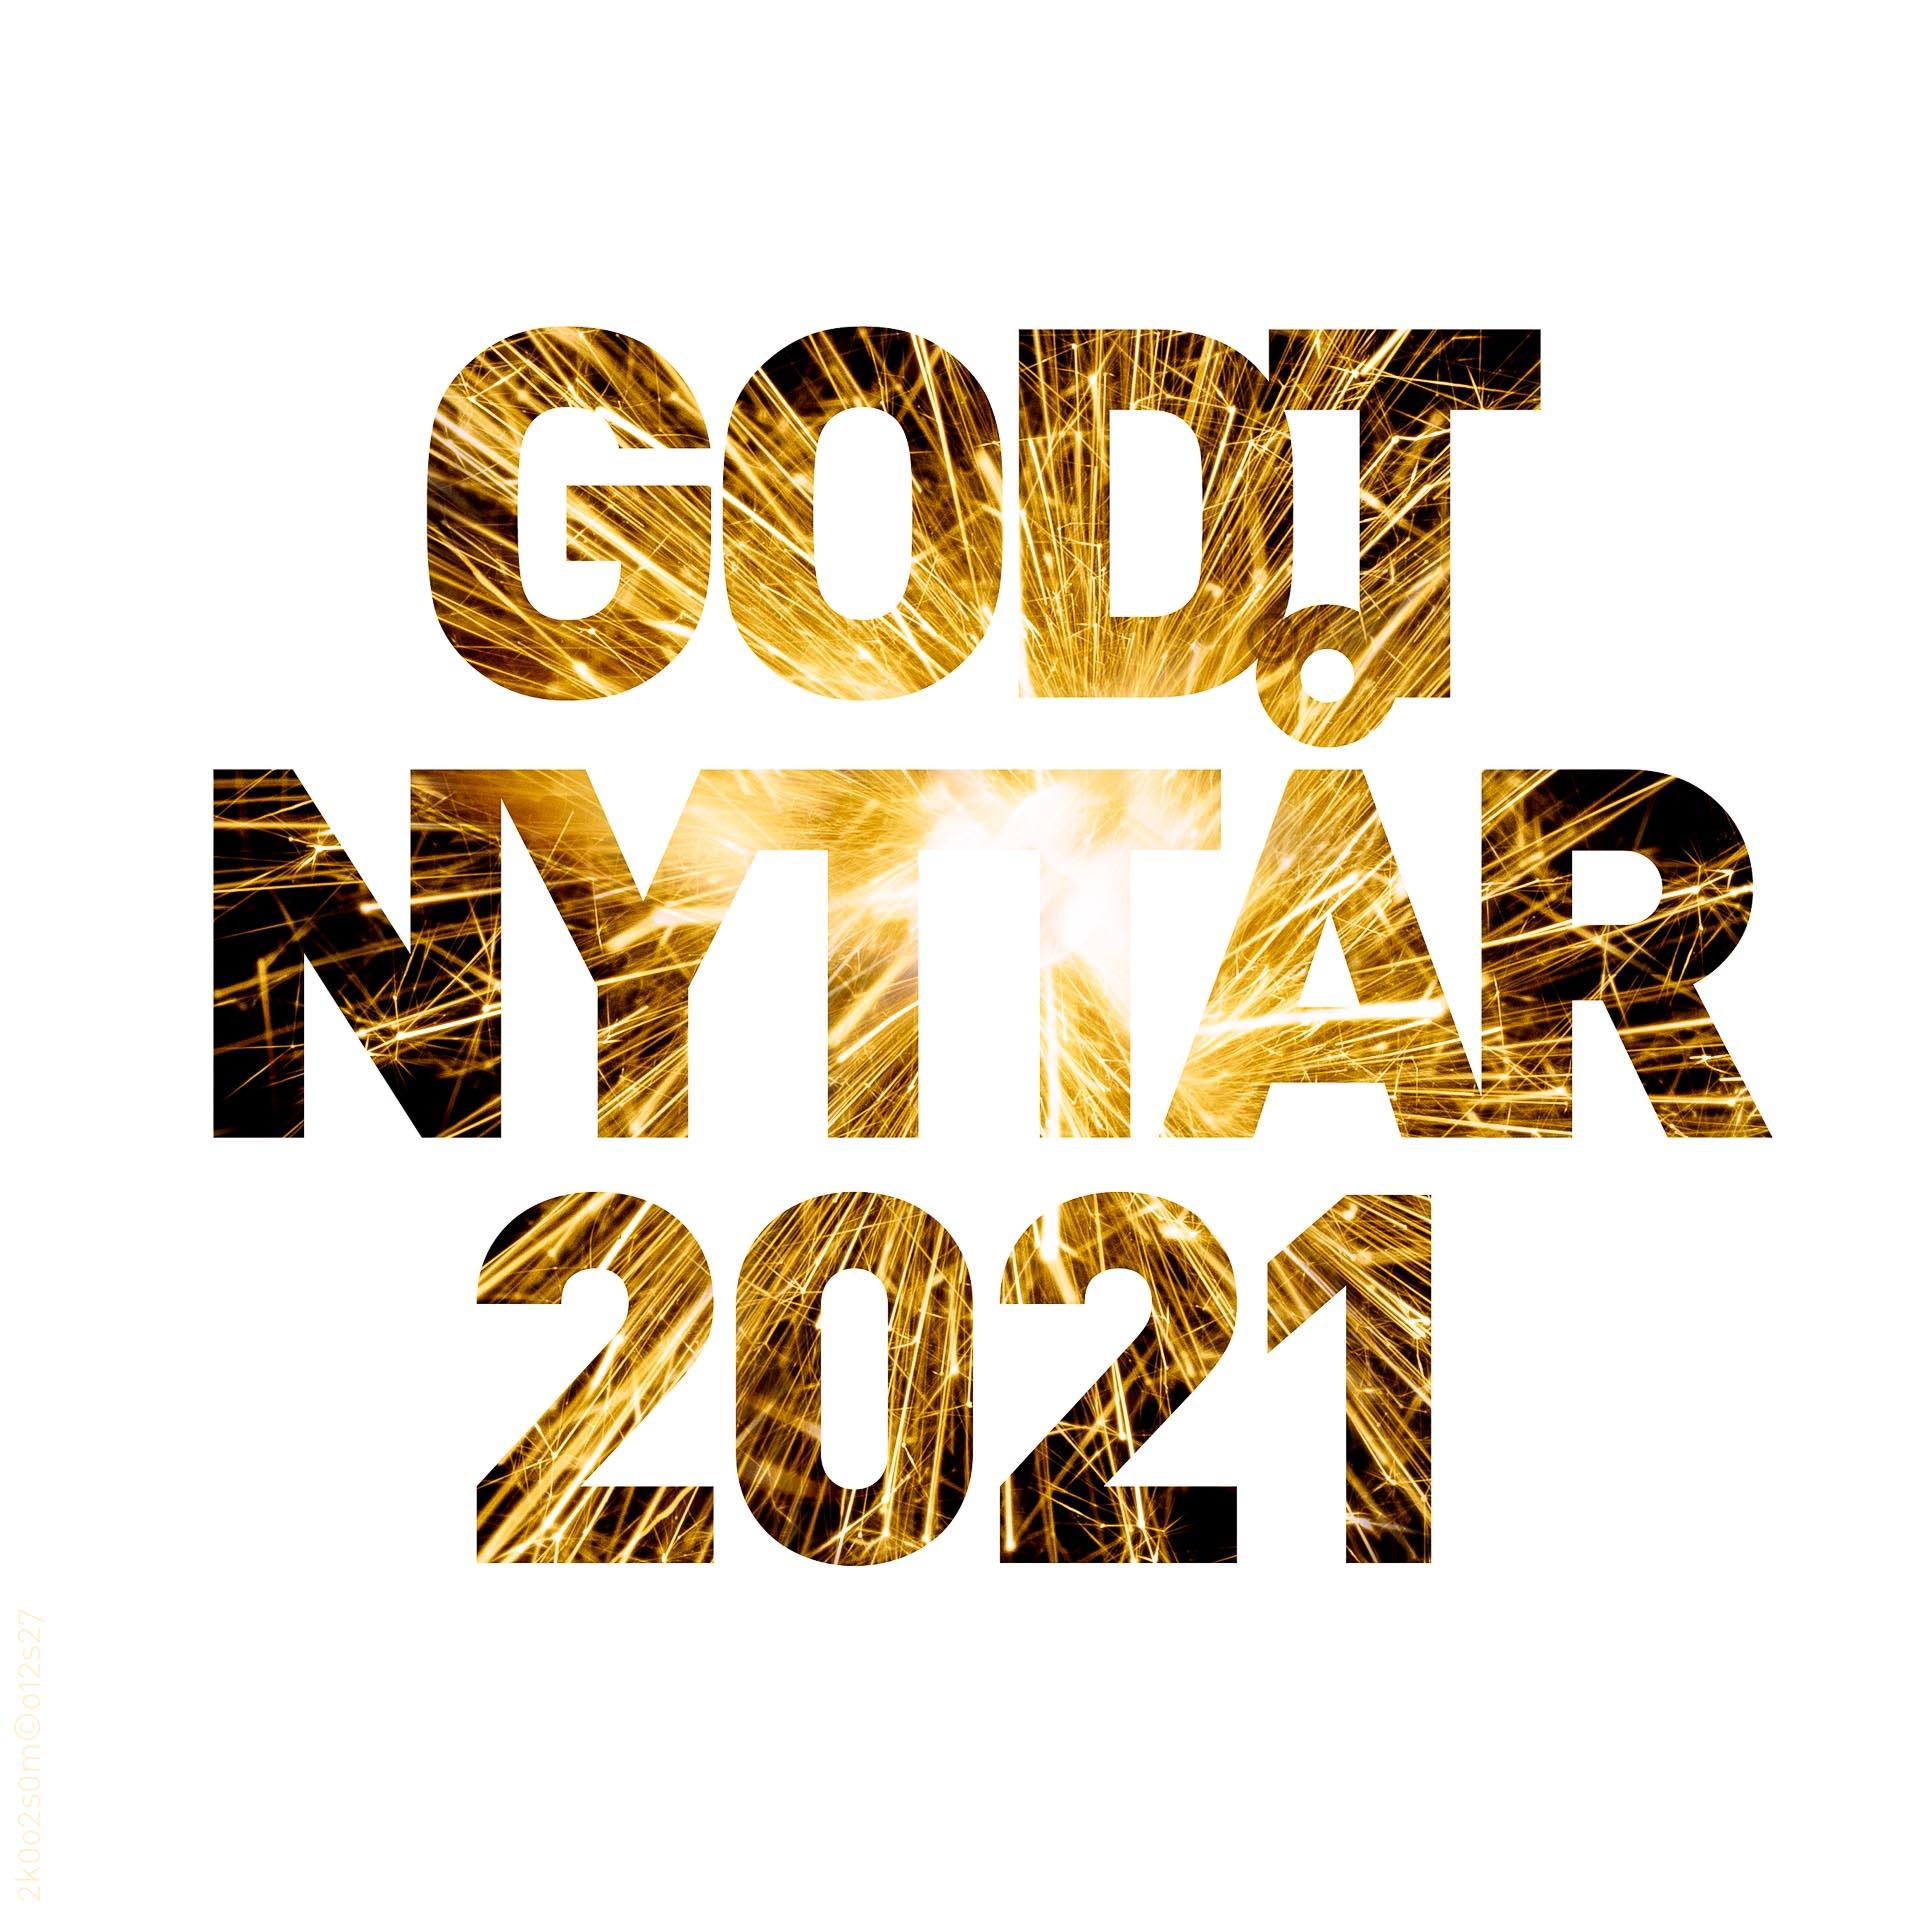 Godt nyttår 2021 (kvadratisk)